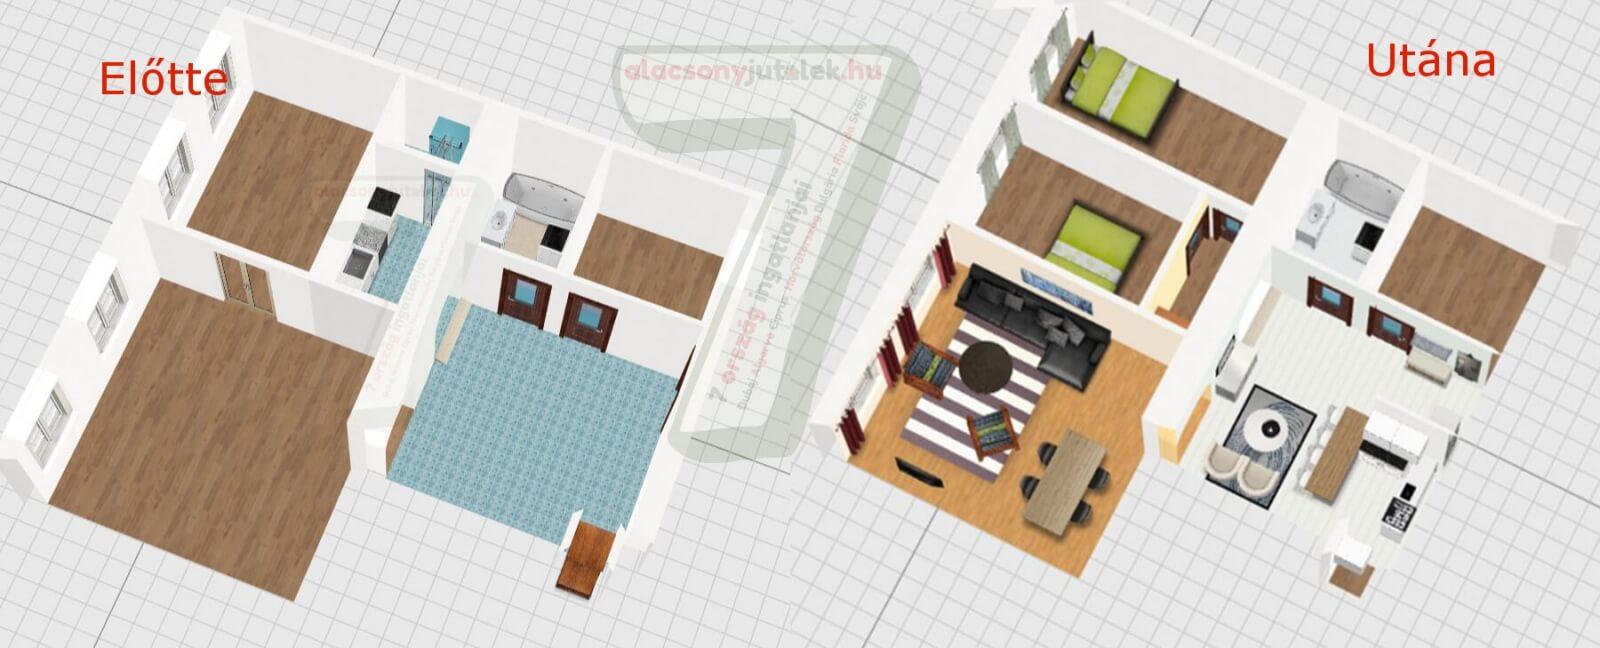 Belvárosi polgári lakás extra hálószobával